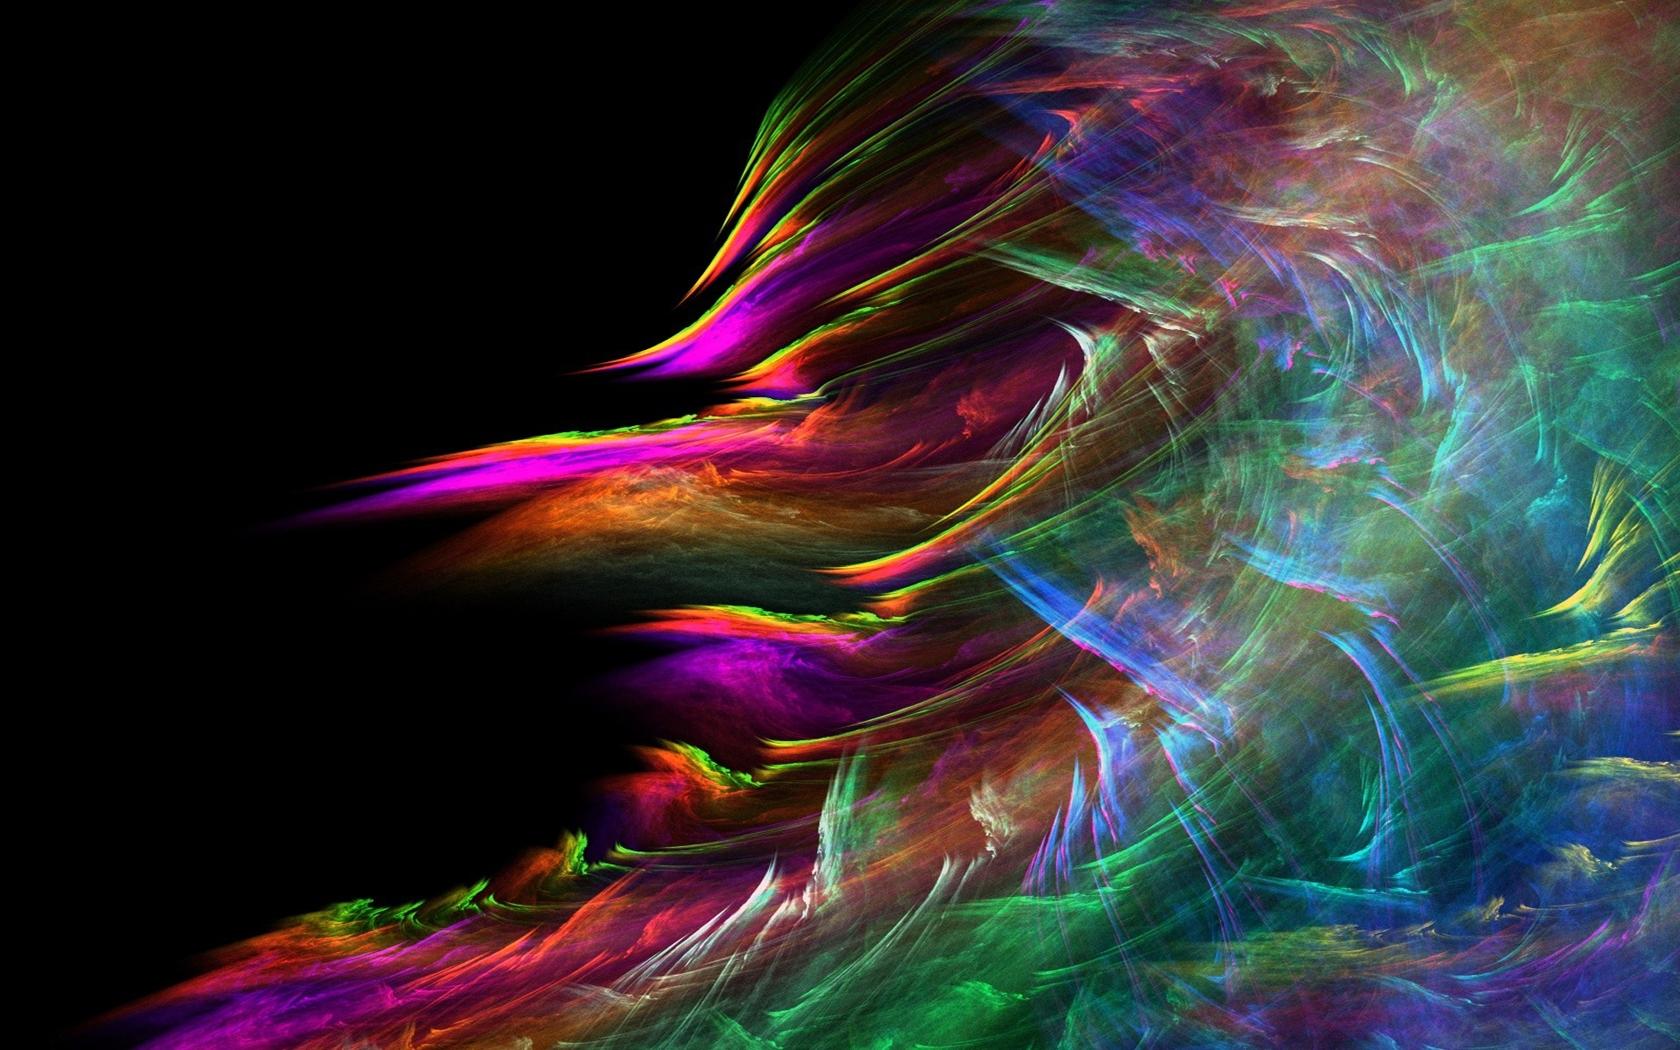 Fond d'écran : abstrait, bleu, fumée, rouge 1680x1050 - wallhaven - 1107868 - Fond d'écran ...